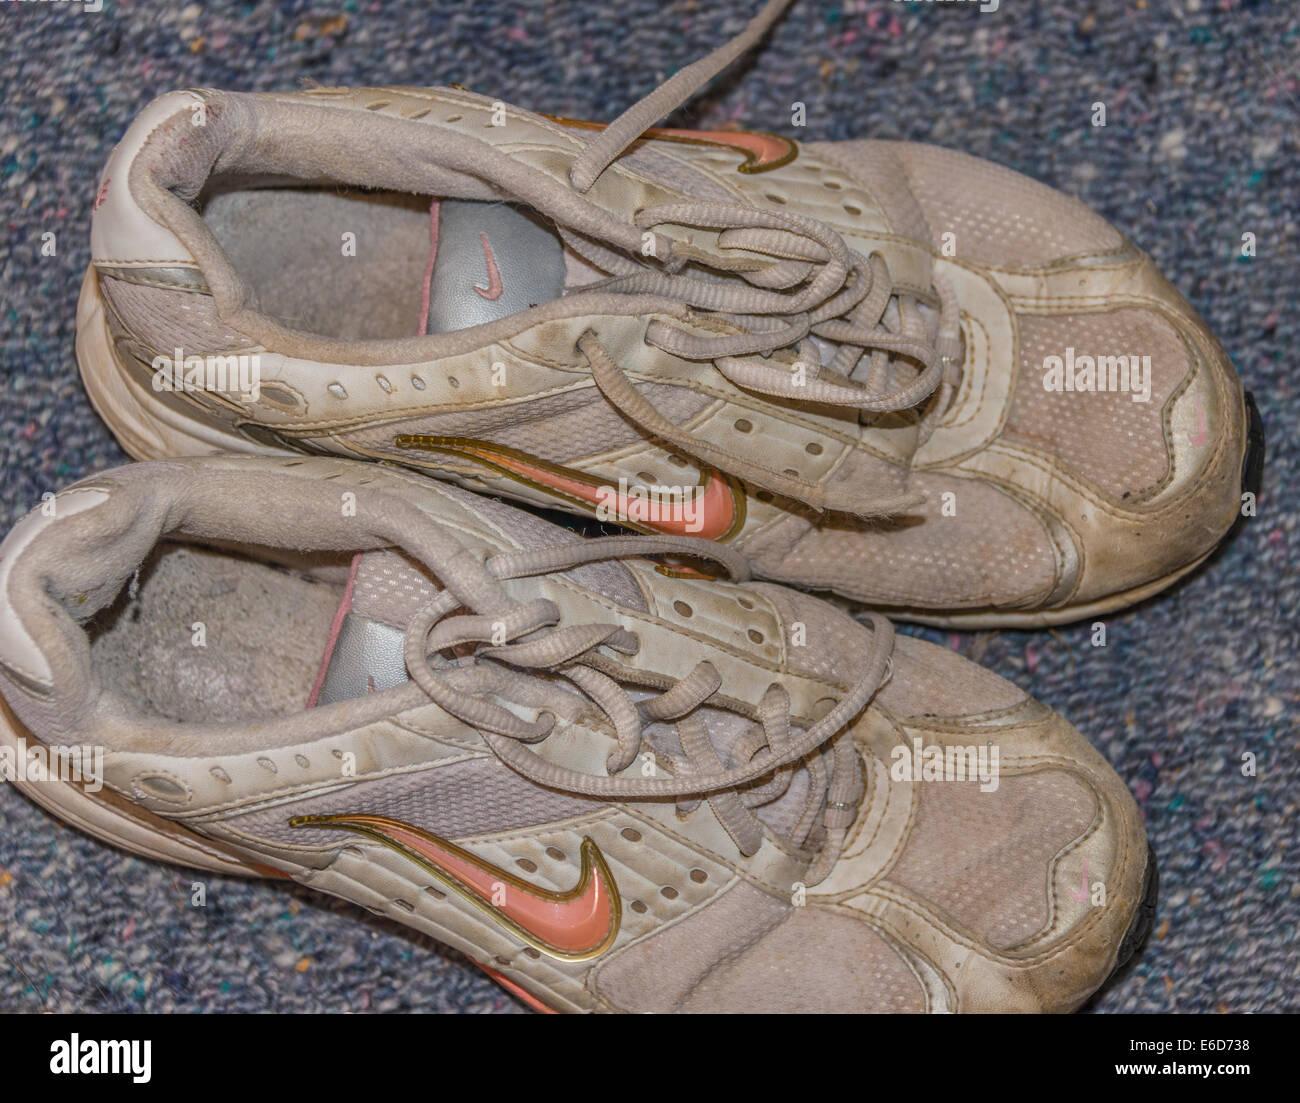 scarpe nike vecchie